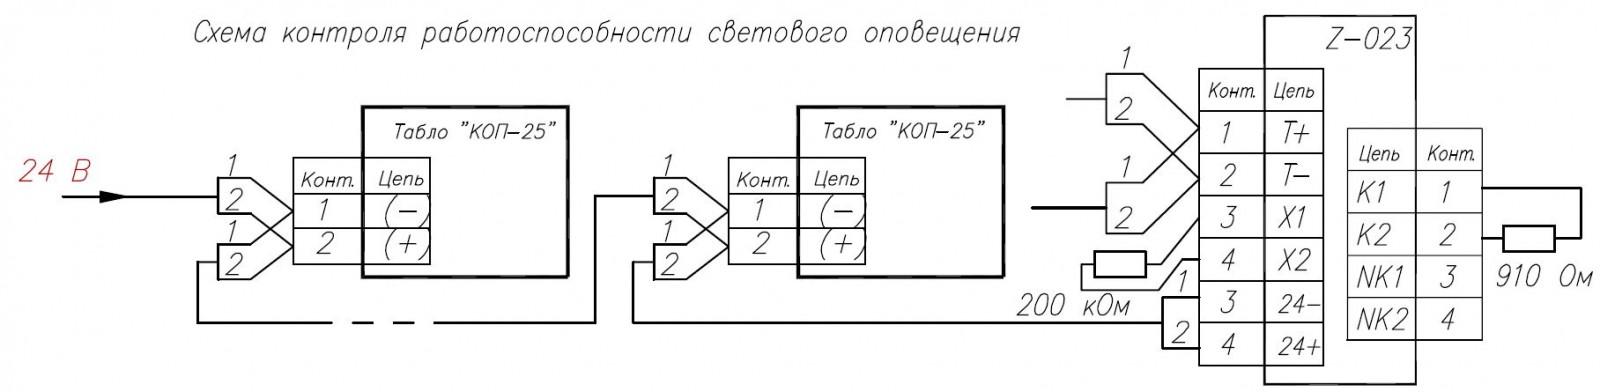 подключения схема табличка выход